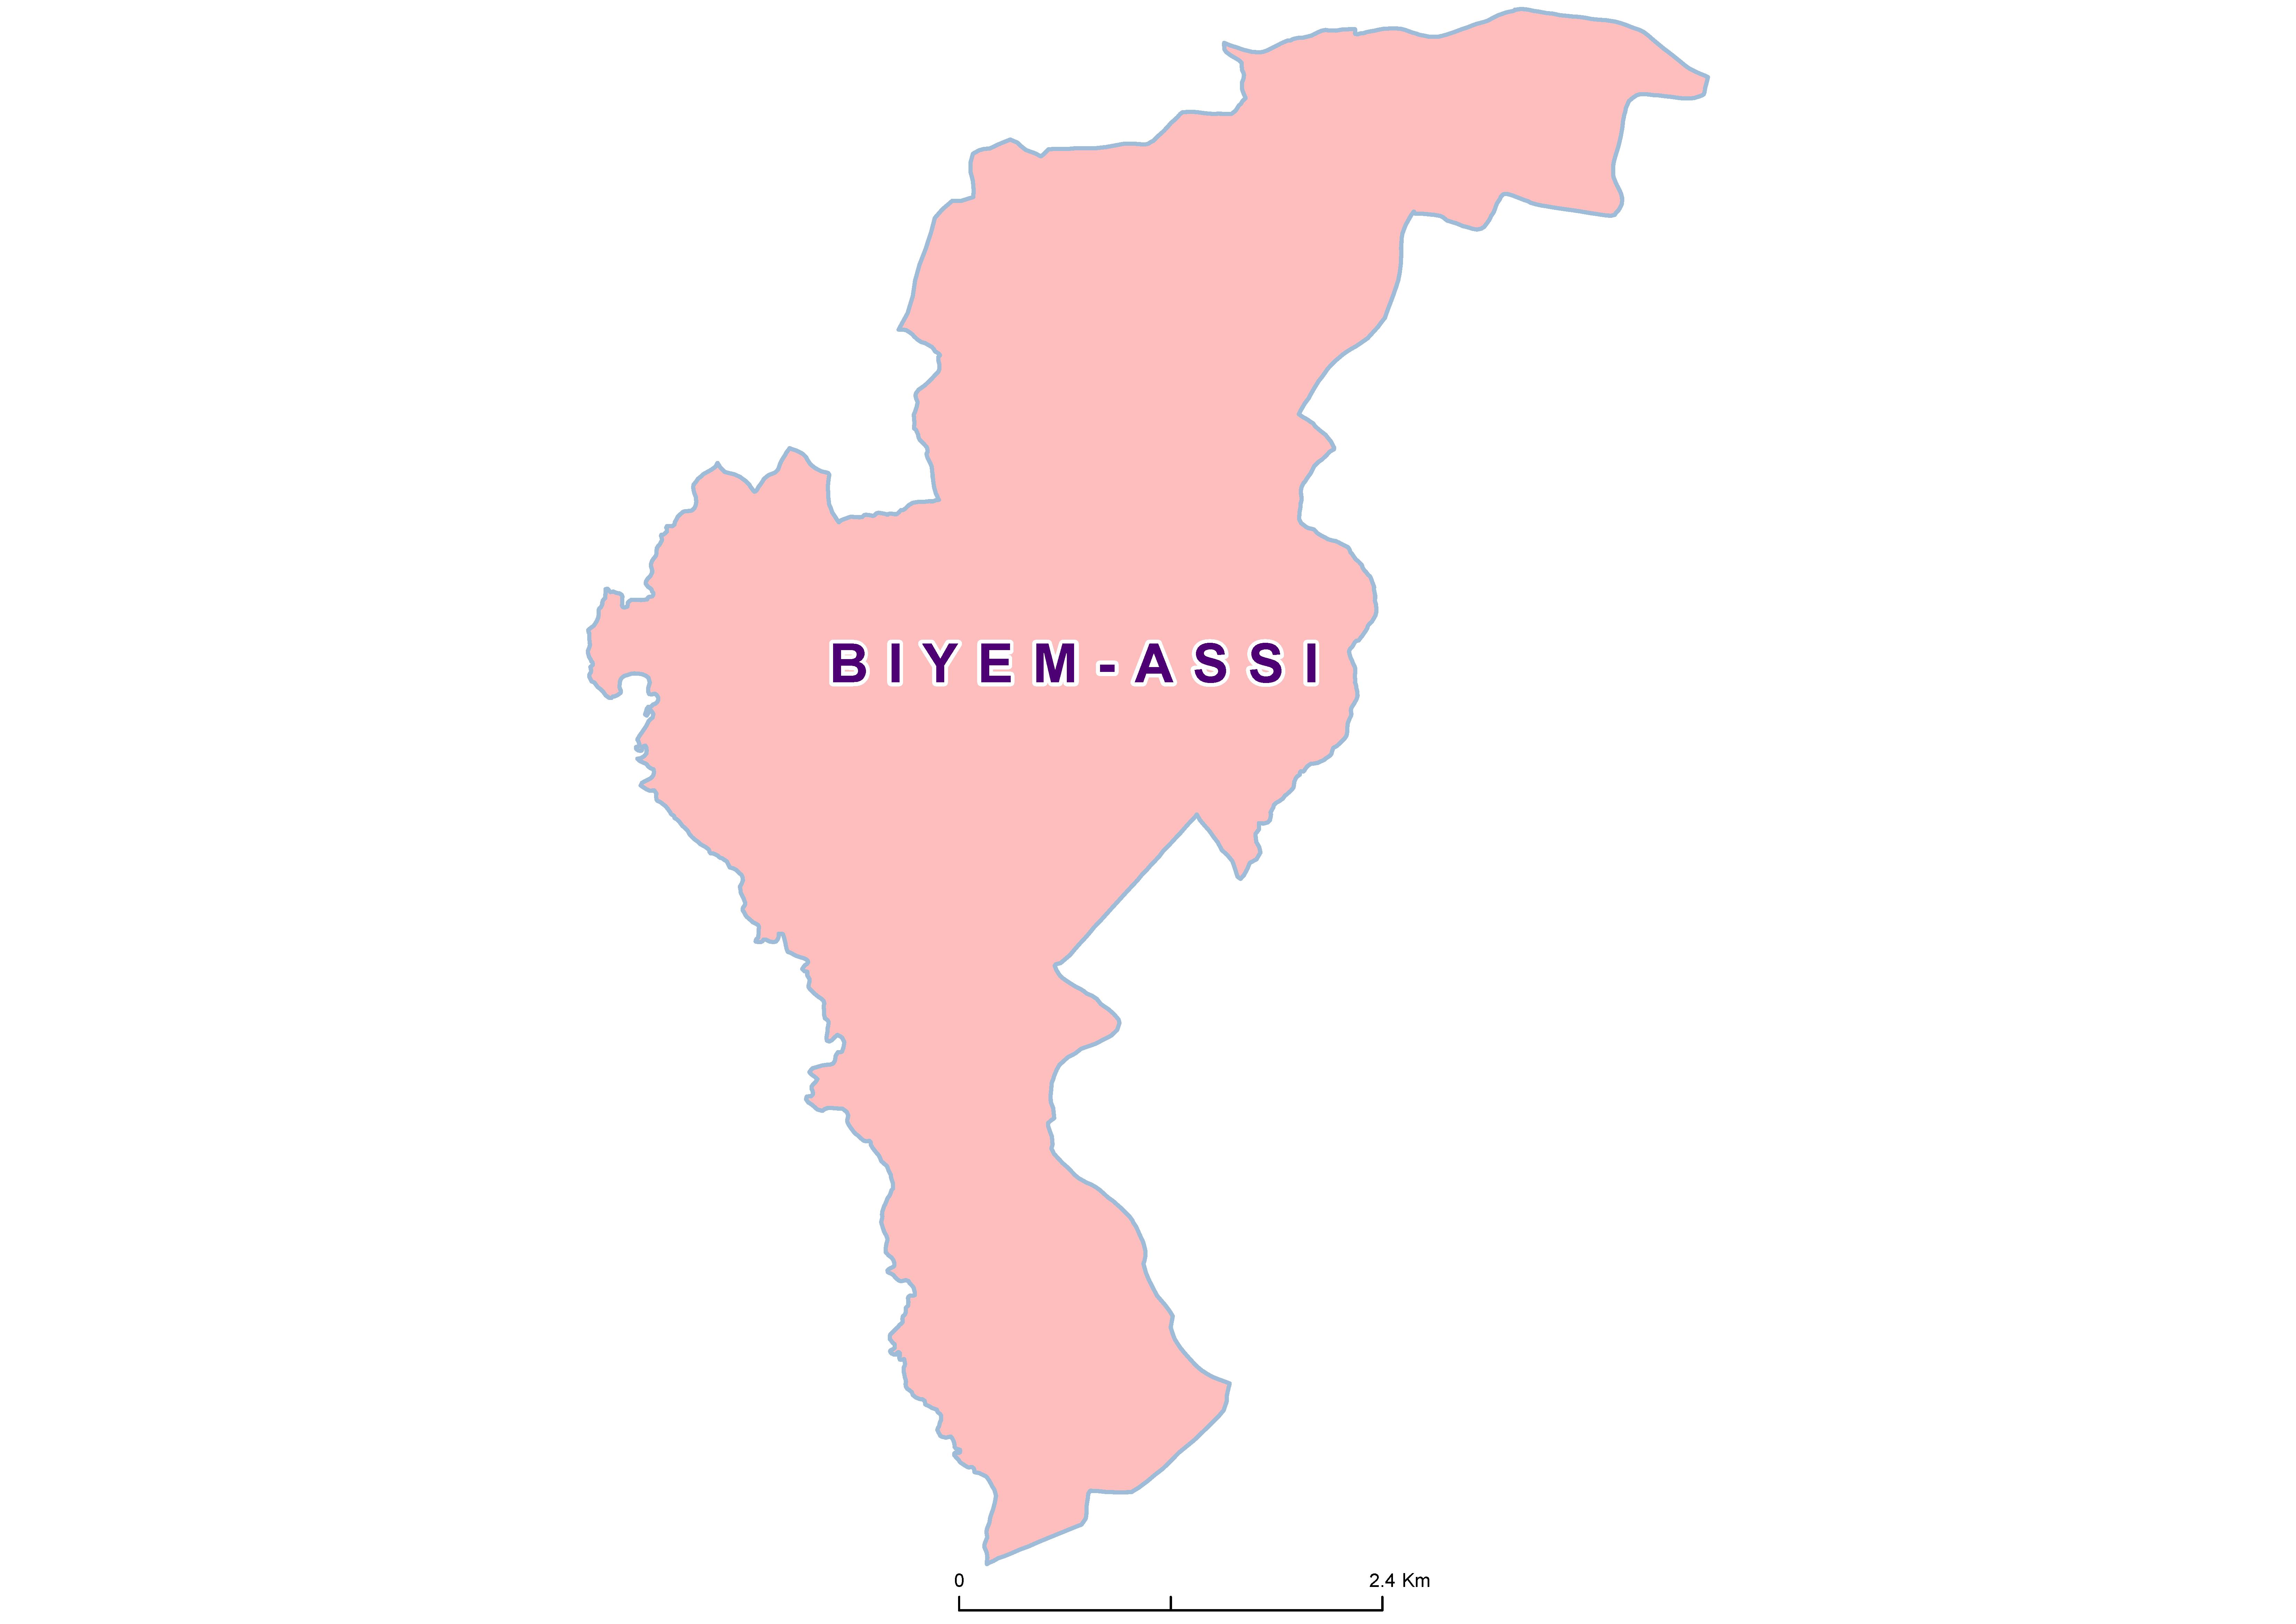 Biyem-assi Mean STH 20180001